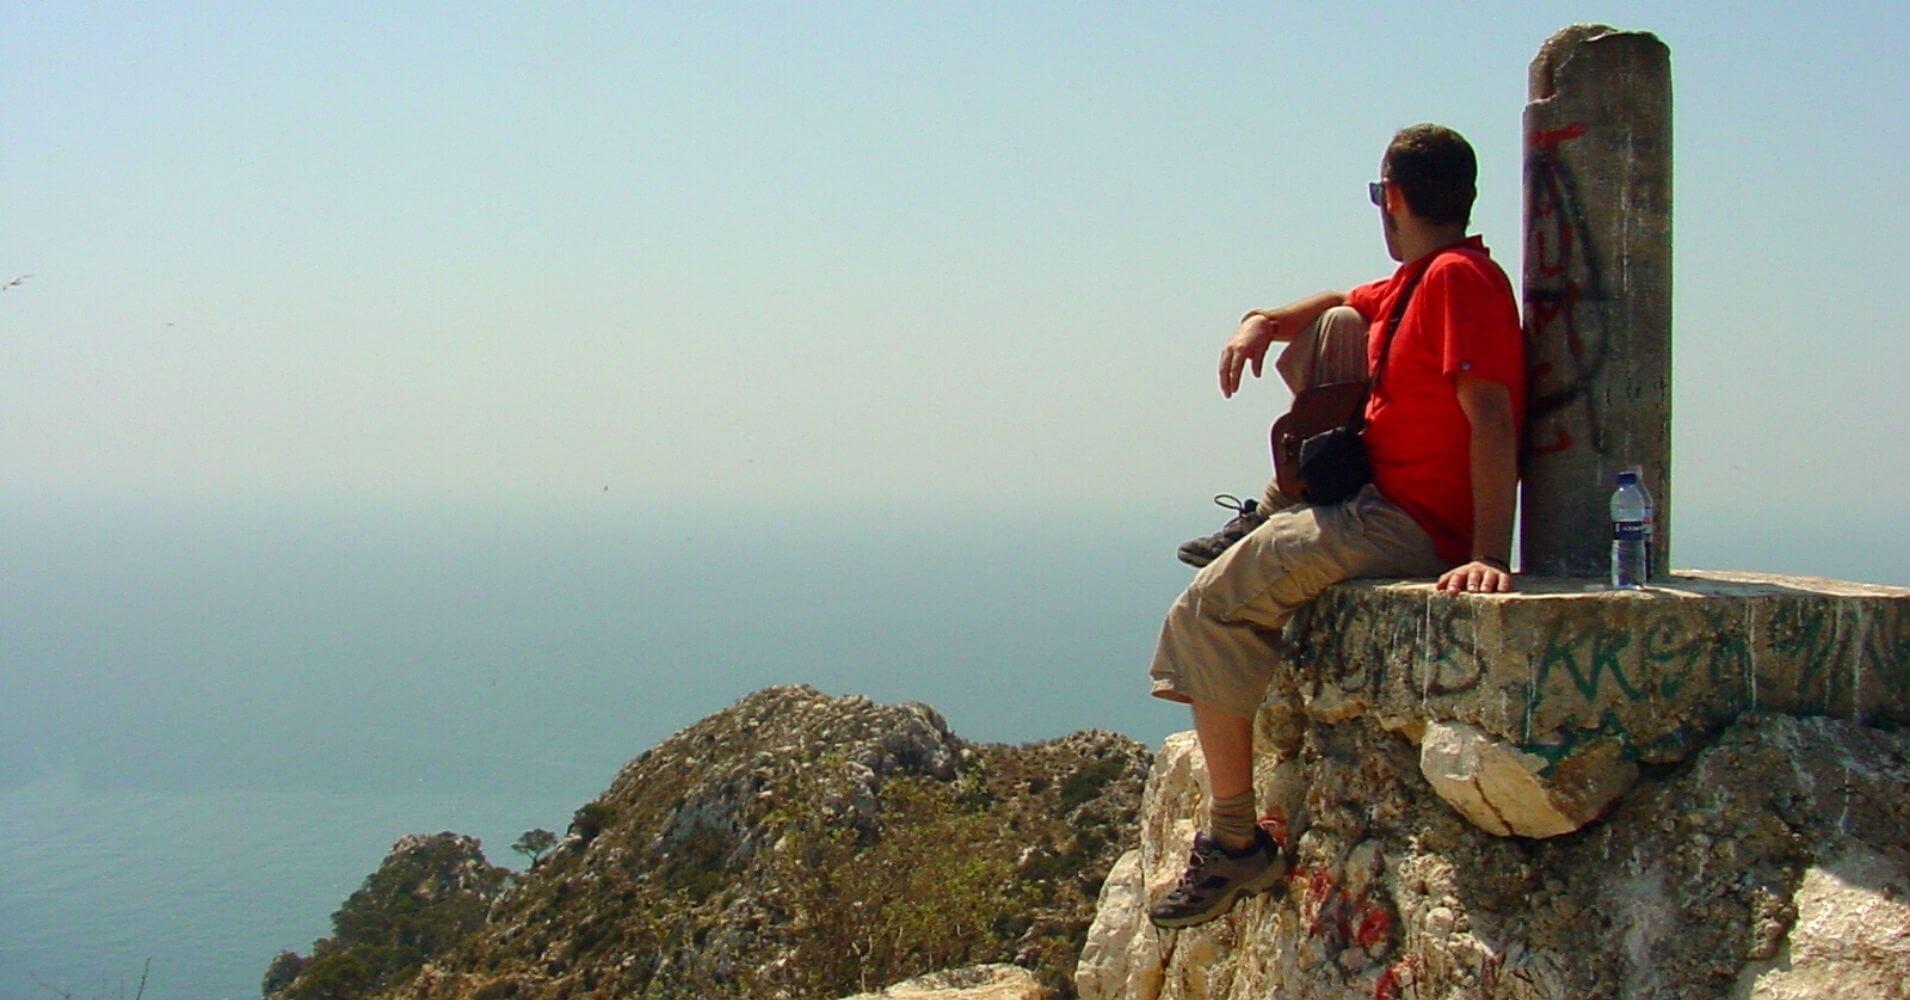 Vértice Geodésico de la Cumbre del Peñón de Ifach. Calpe, Alicante. Comunidad Valenciana.